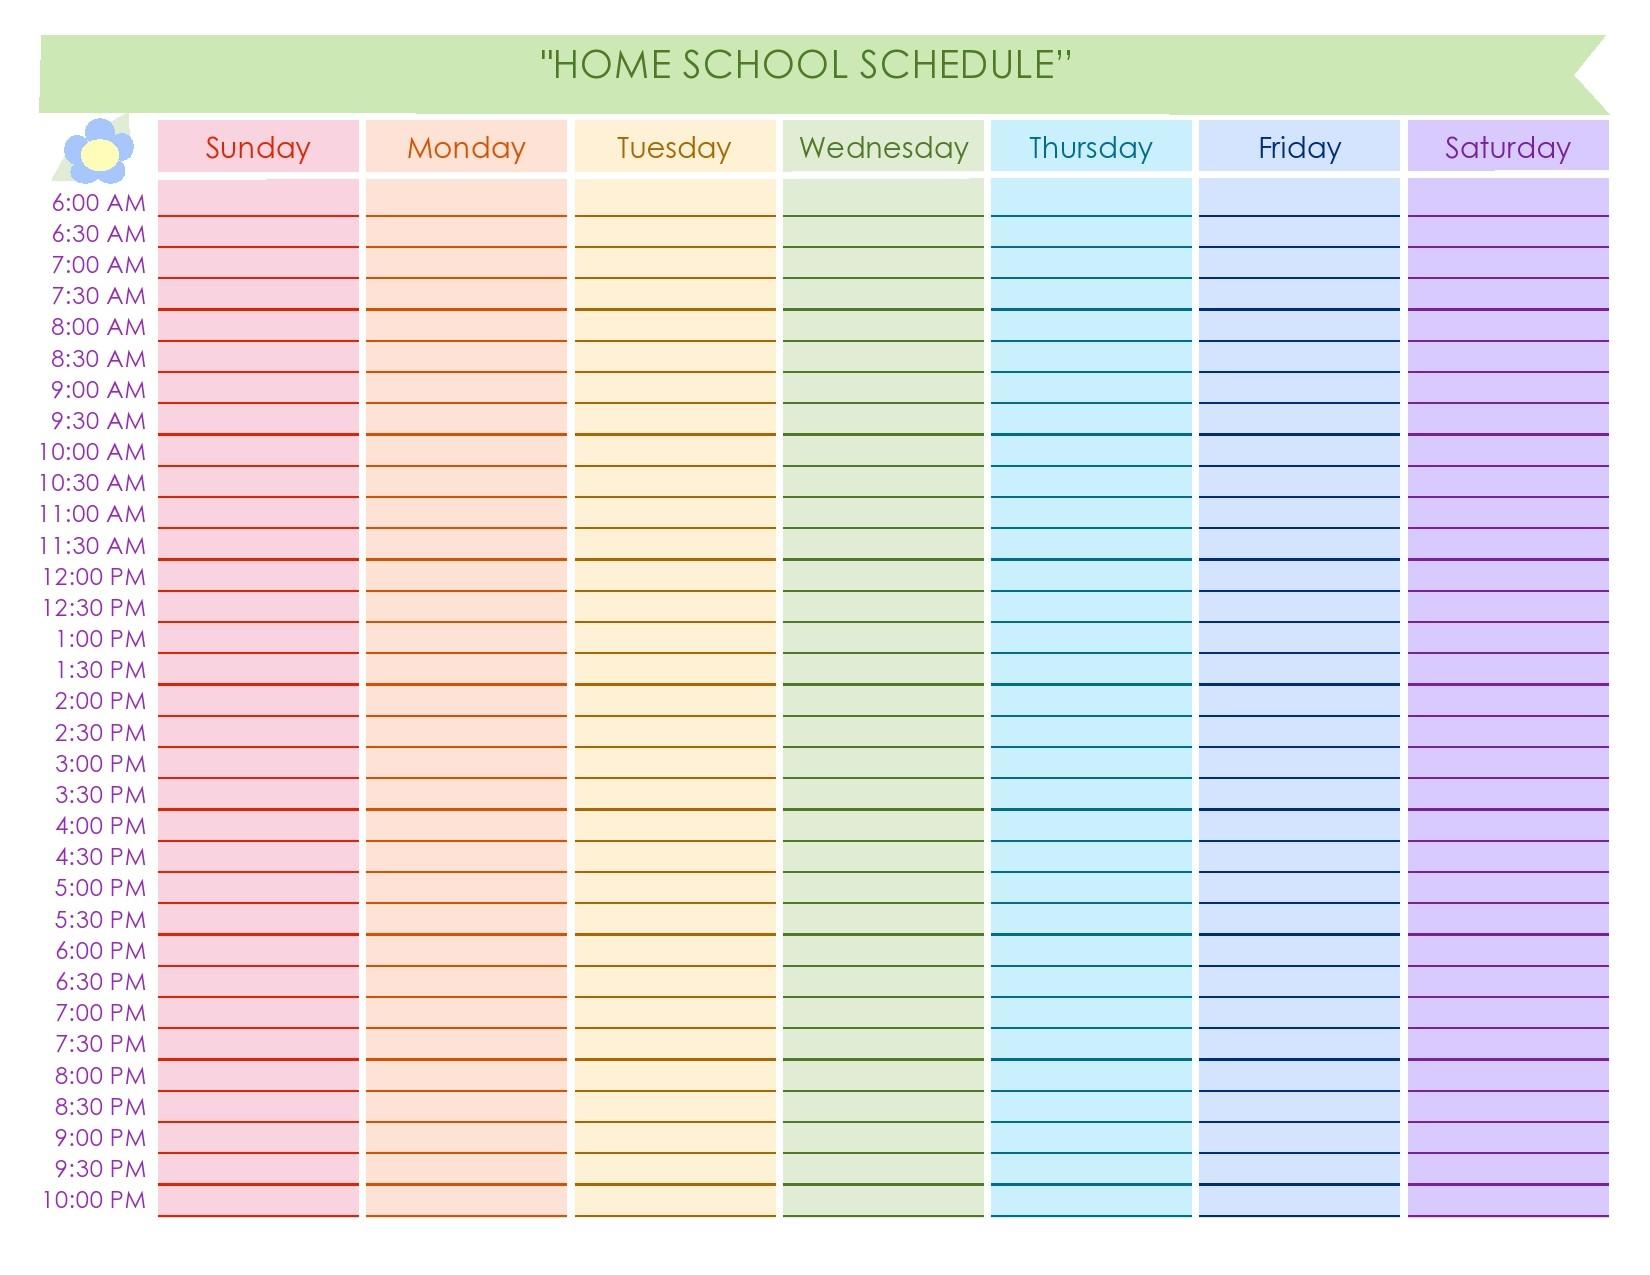 Free homeschool schedule template 30